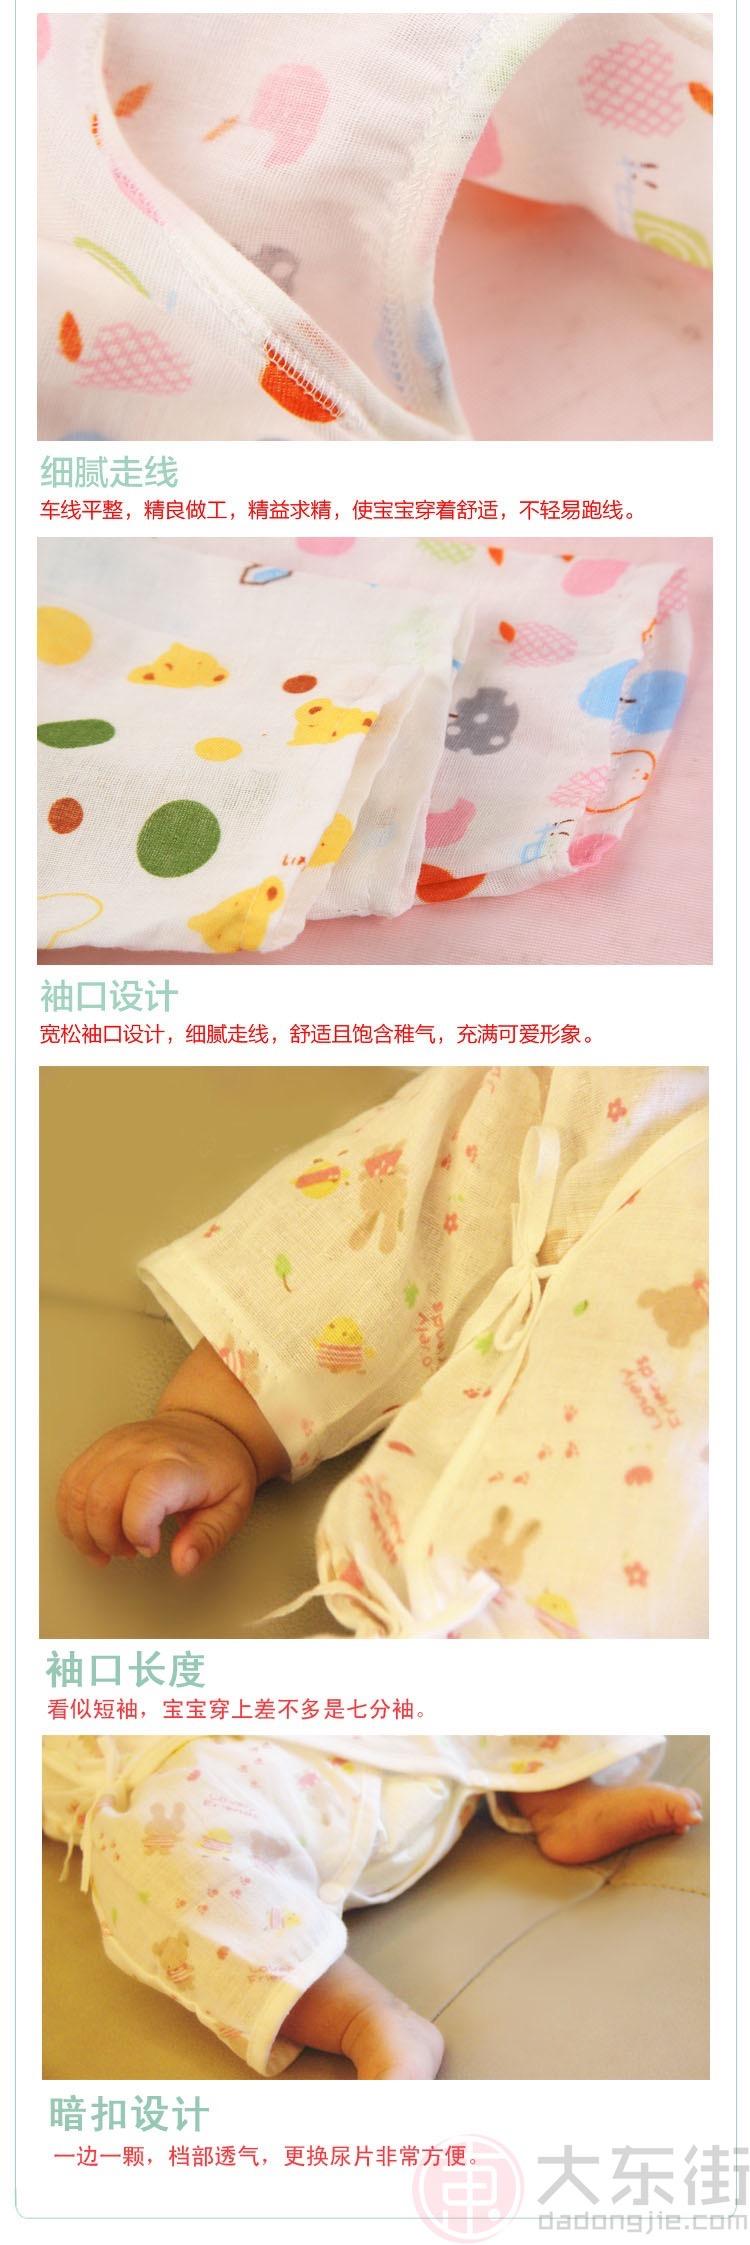 纱布连体衣产品走线